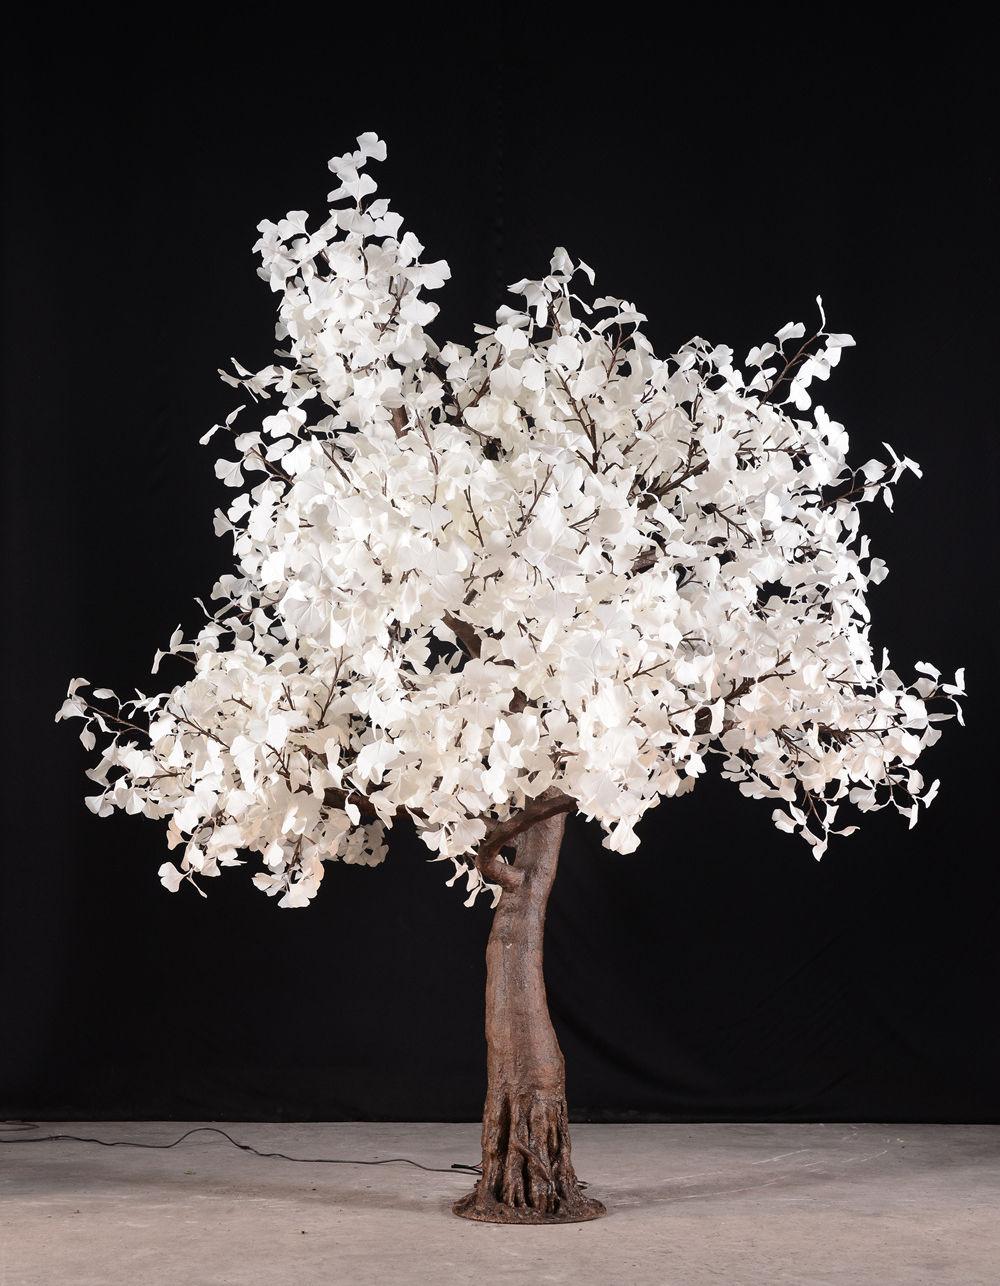 9' Flatiron Maple Tree - Warm white